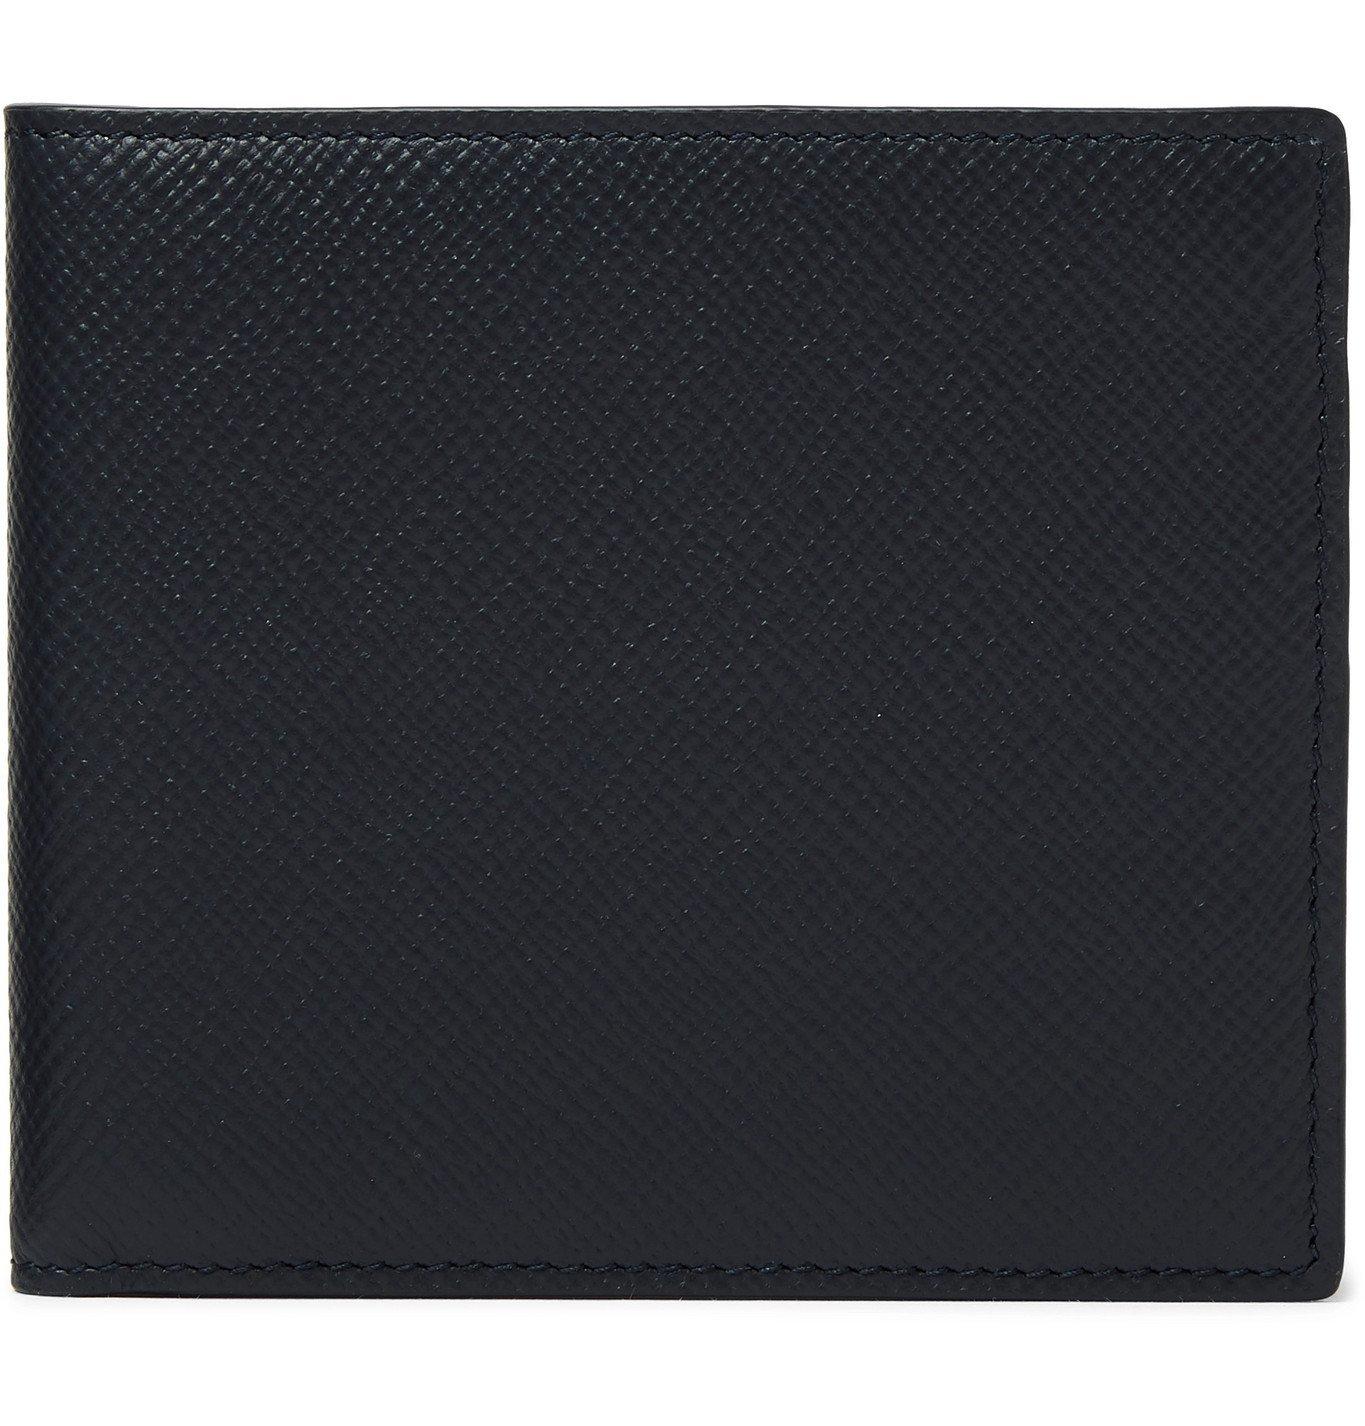 Smythson - Cross-Grain Leather Billfold Wallet - Blue